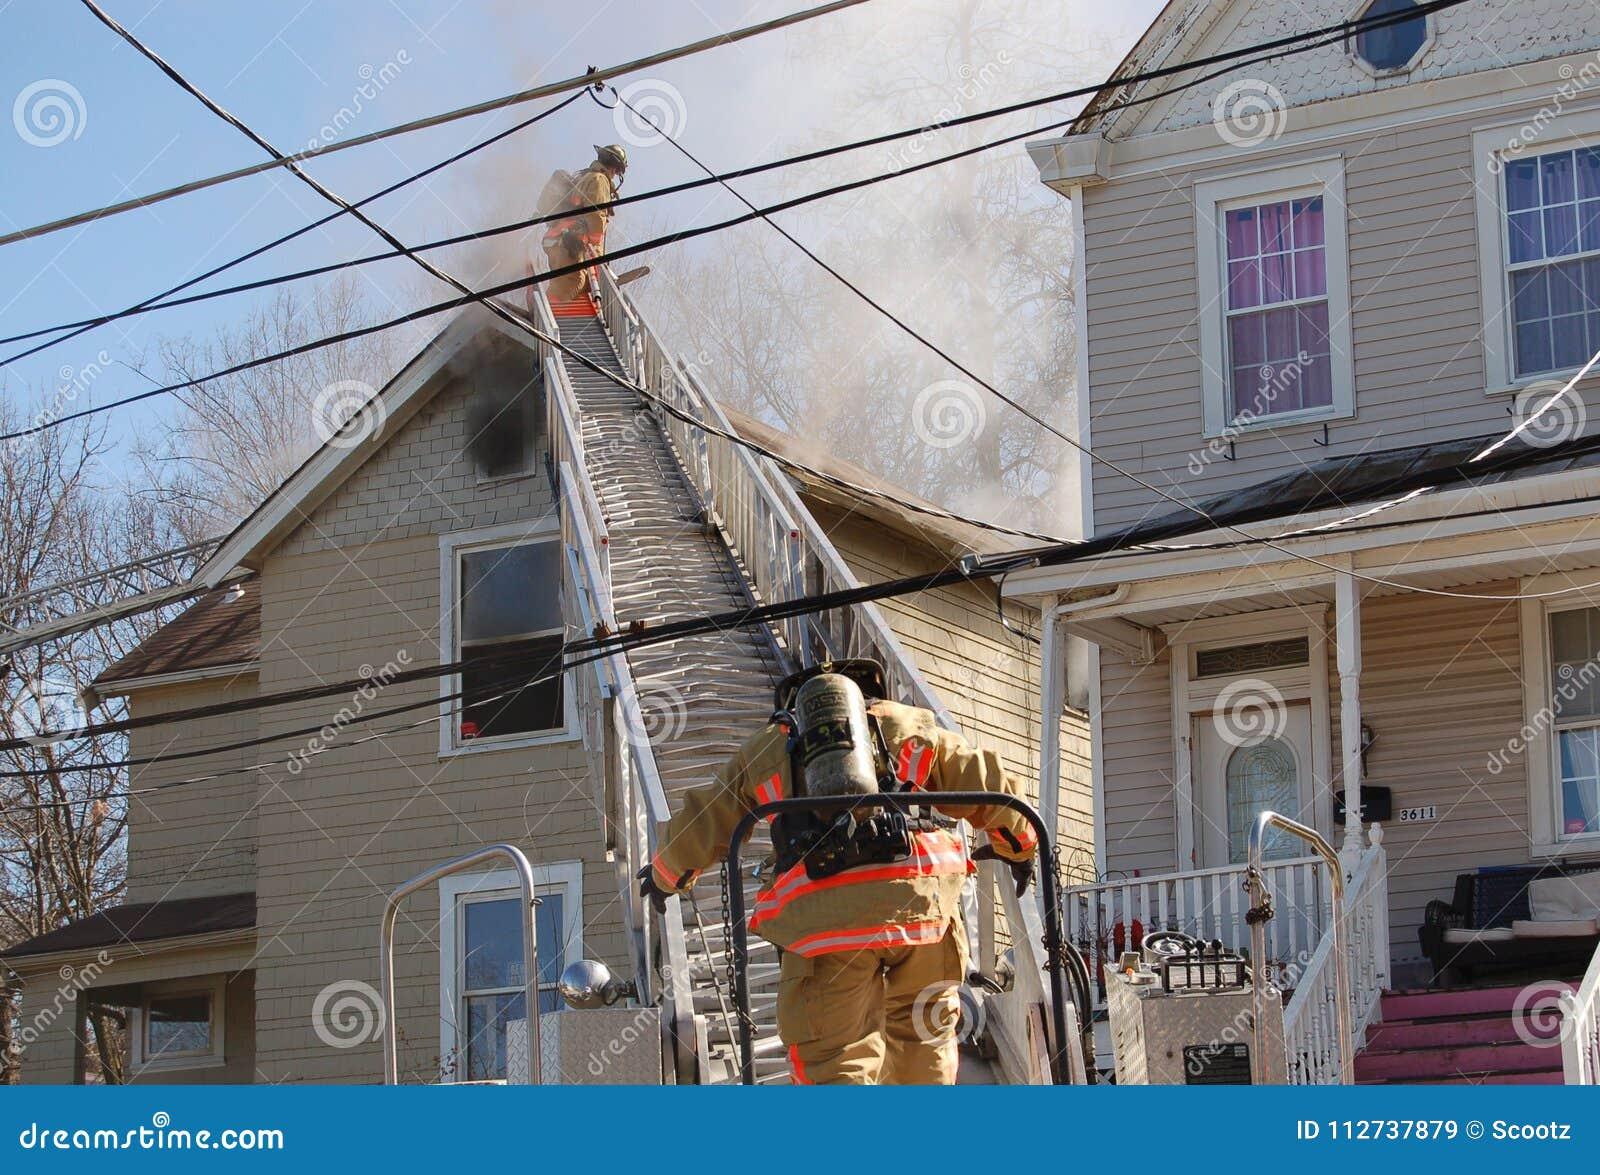 Firemen fighting house fire